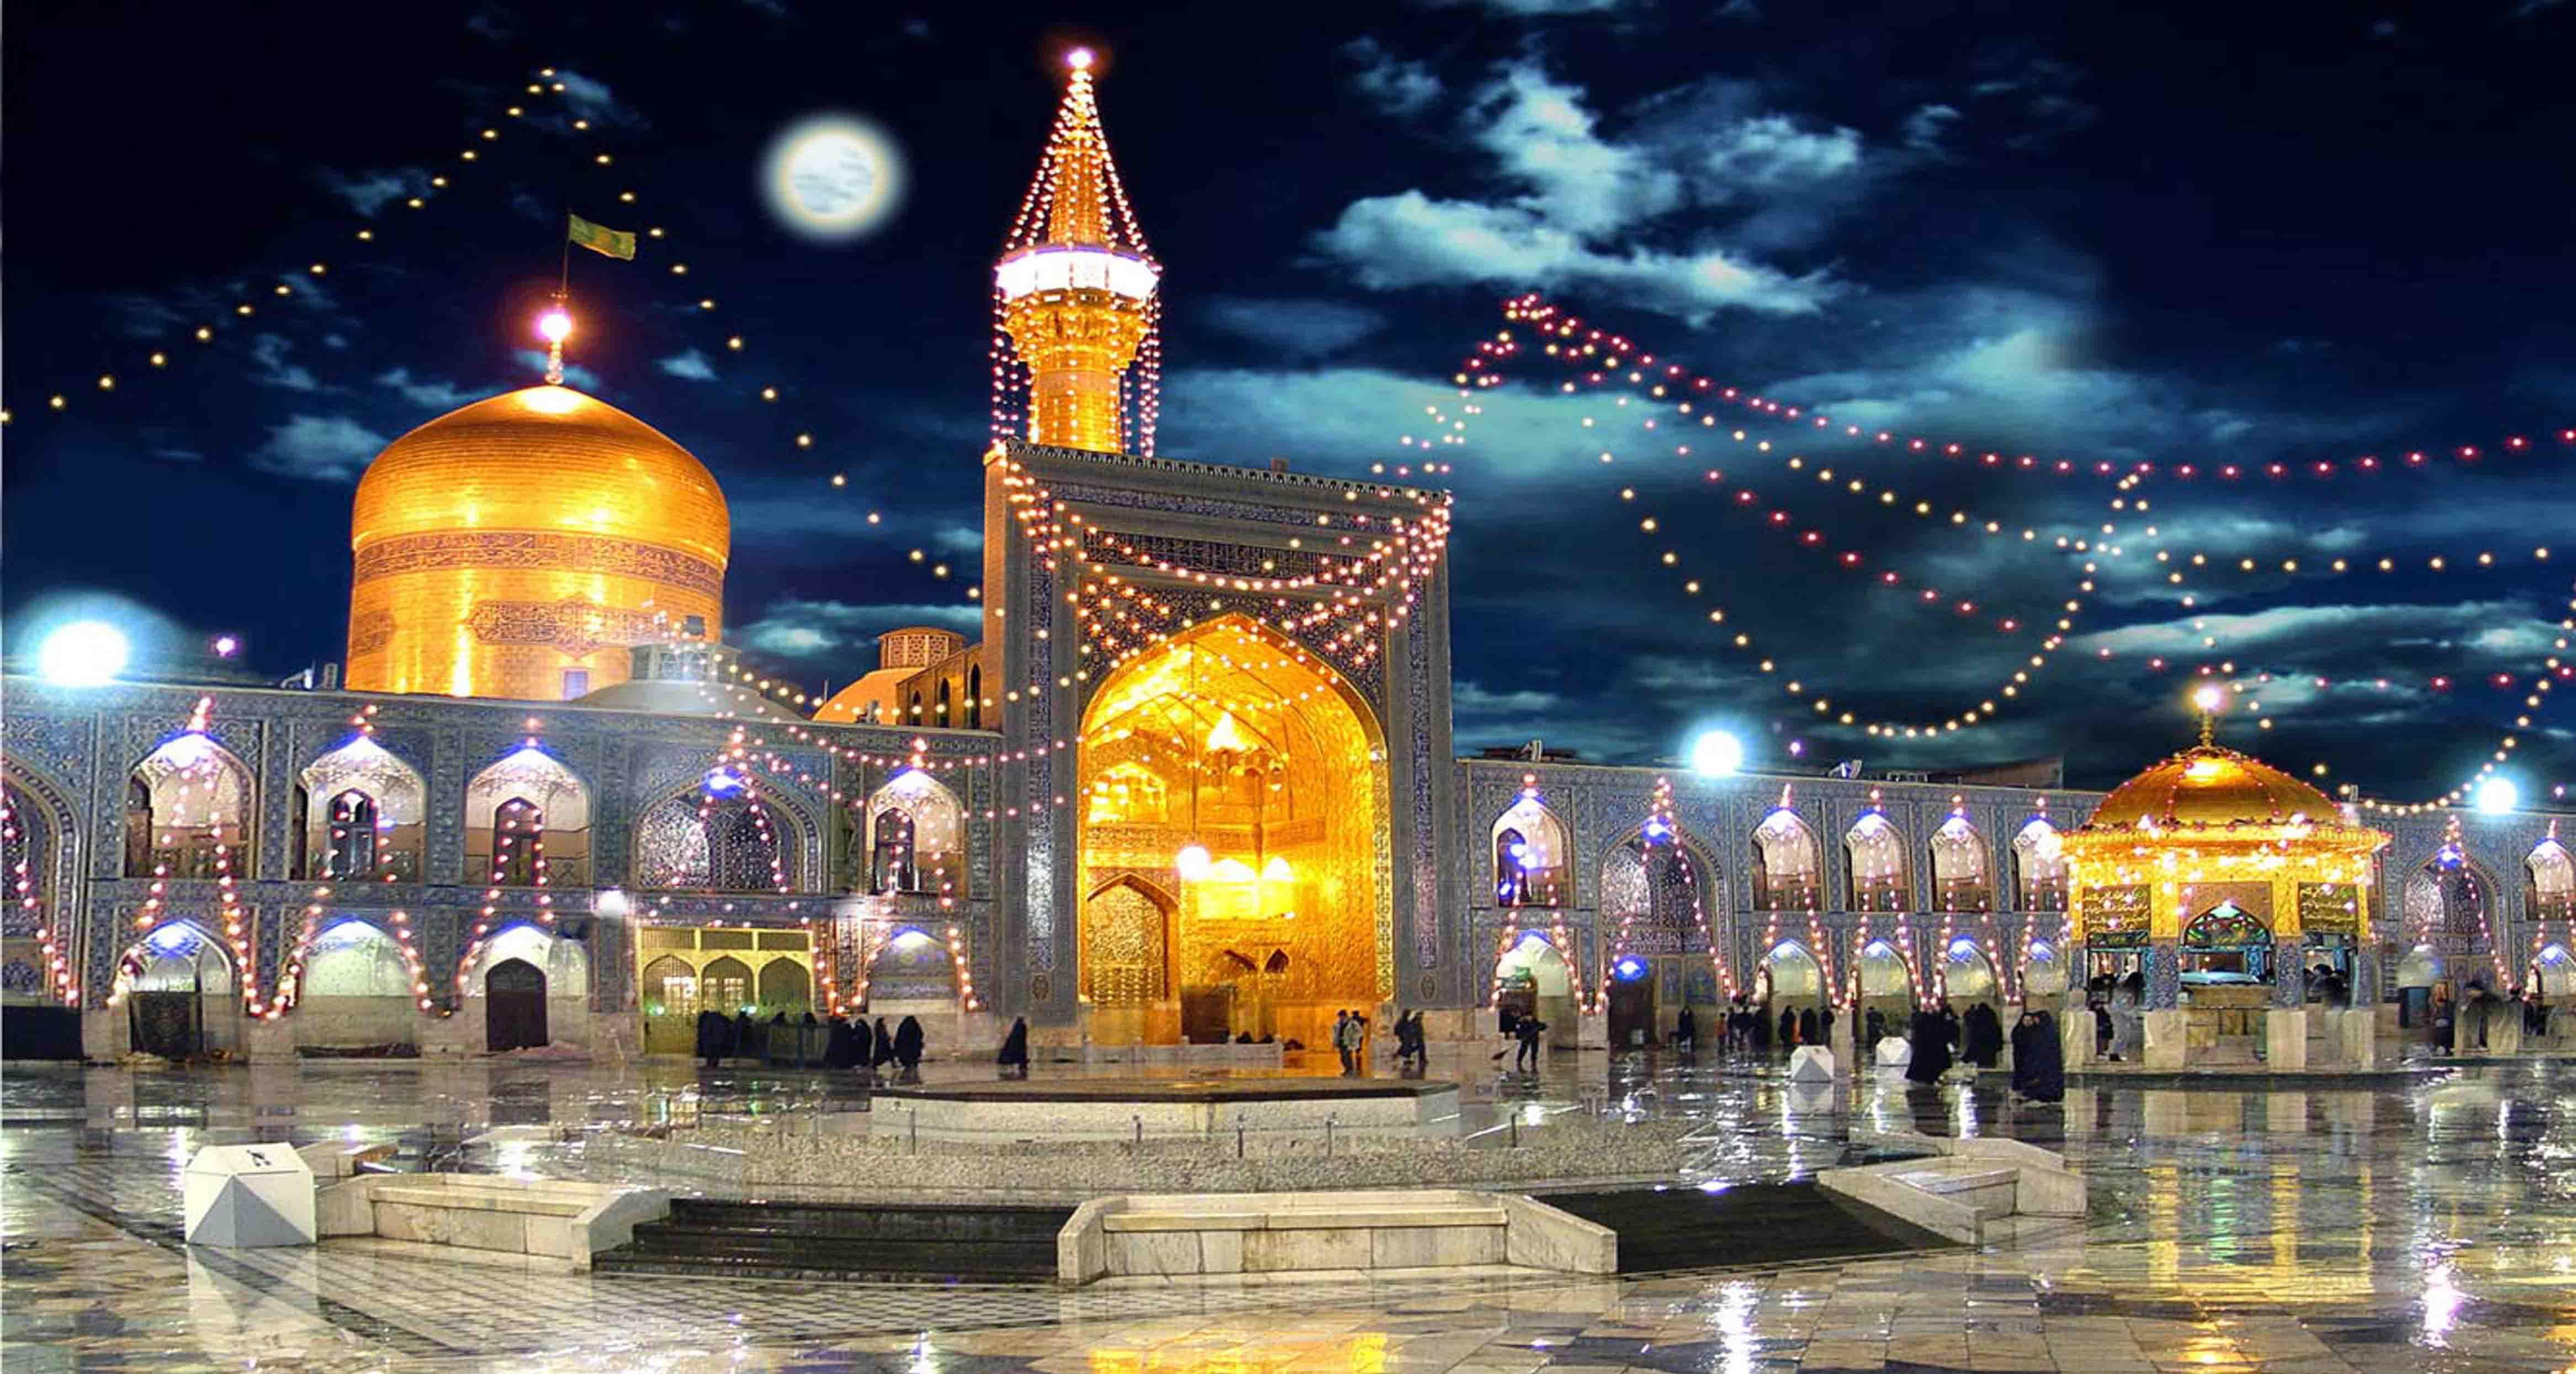 دانلود جدیدترین فایل نقشه اتوکد شهر مشهد با فرمت DWG